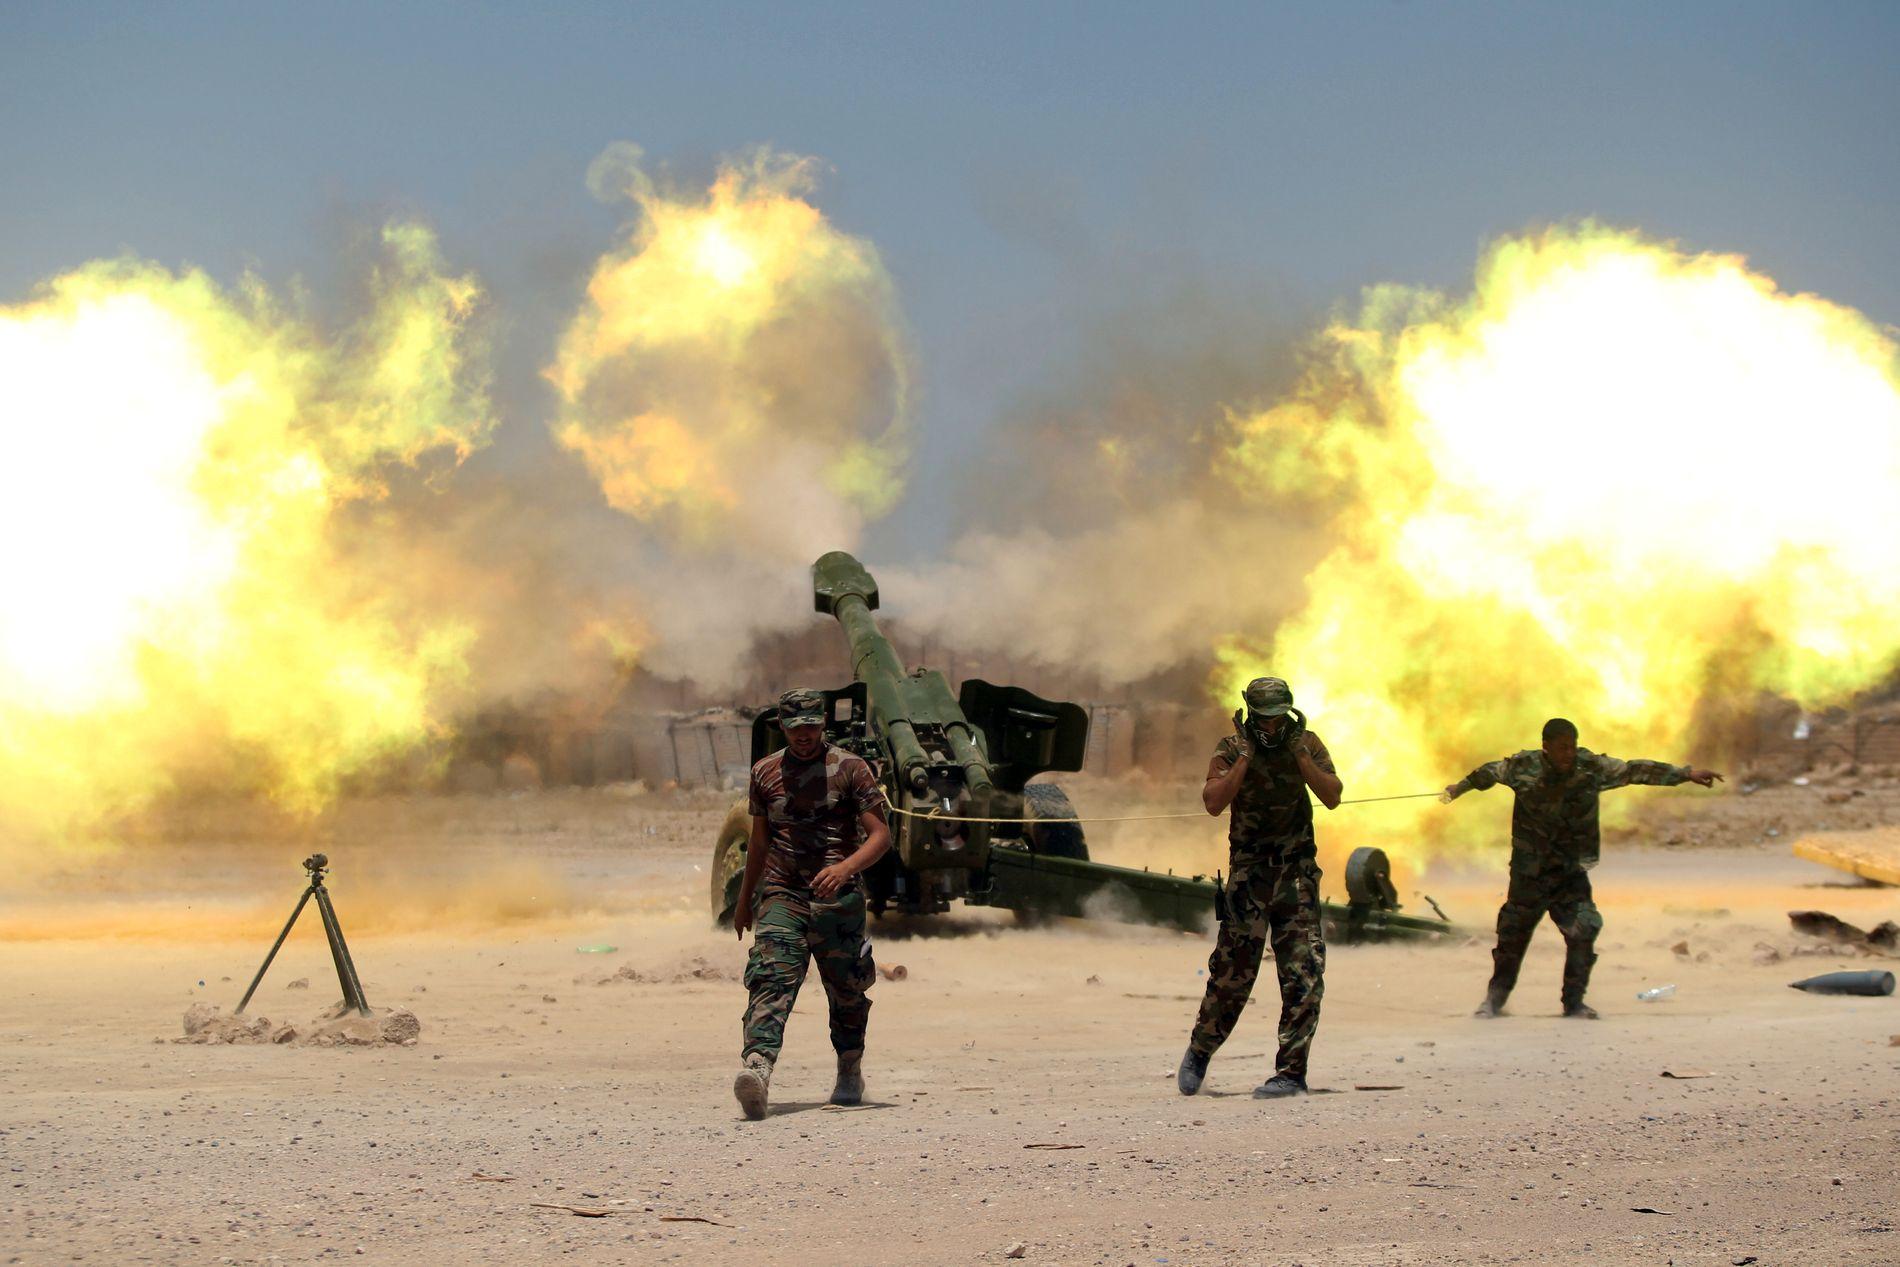 KAMPER: Sjiakrigere og irakiske regjeringsstyrker avfyrer artilleri i kamper mot IS nær Falluja søndag. Foto: REUTERS/Alaa Al-Marjani